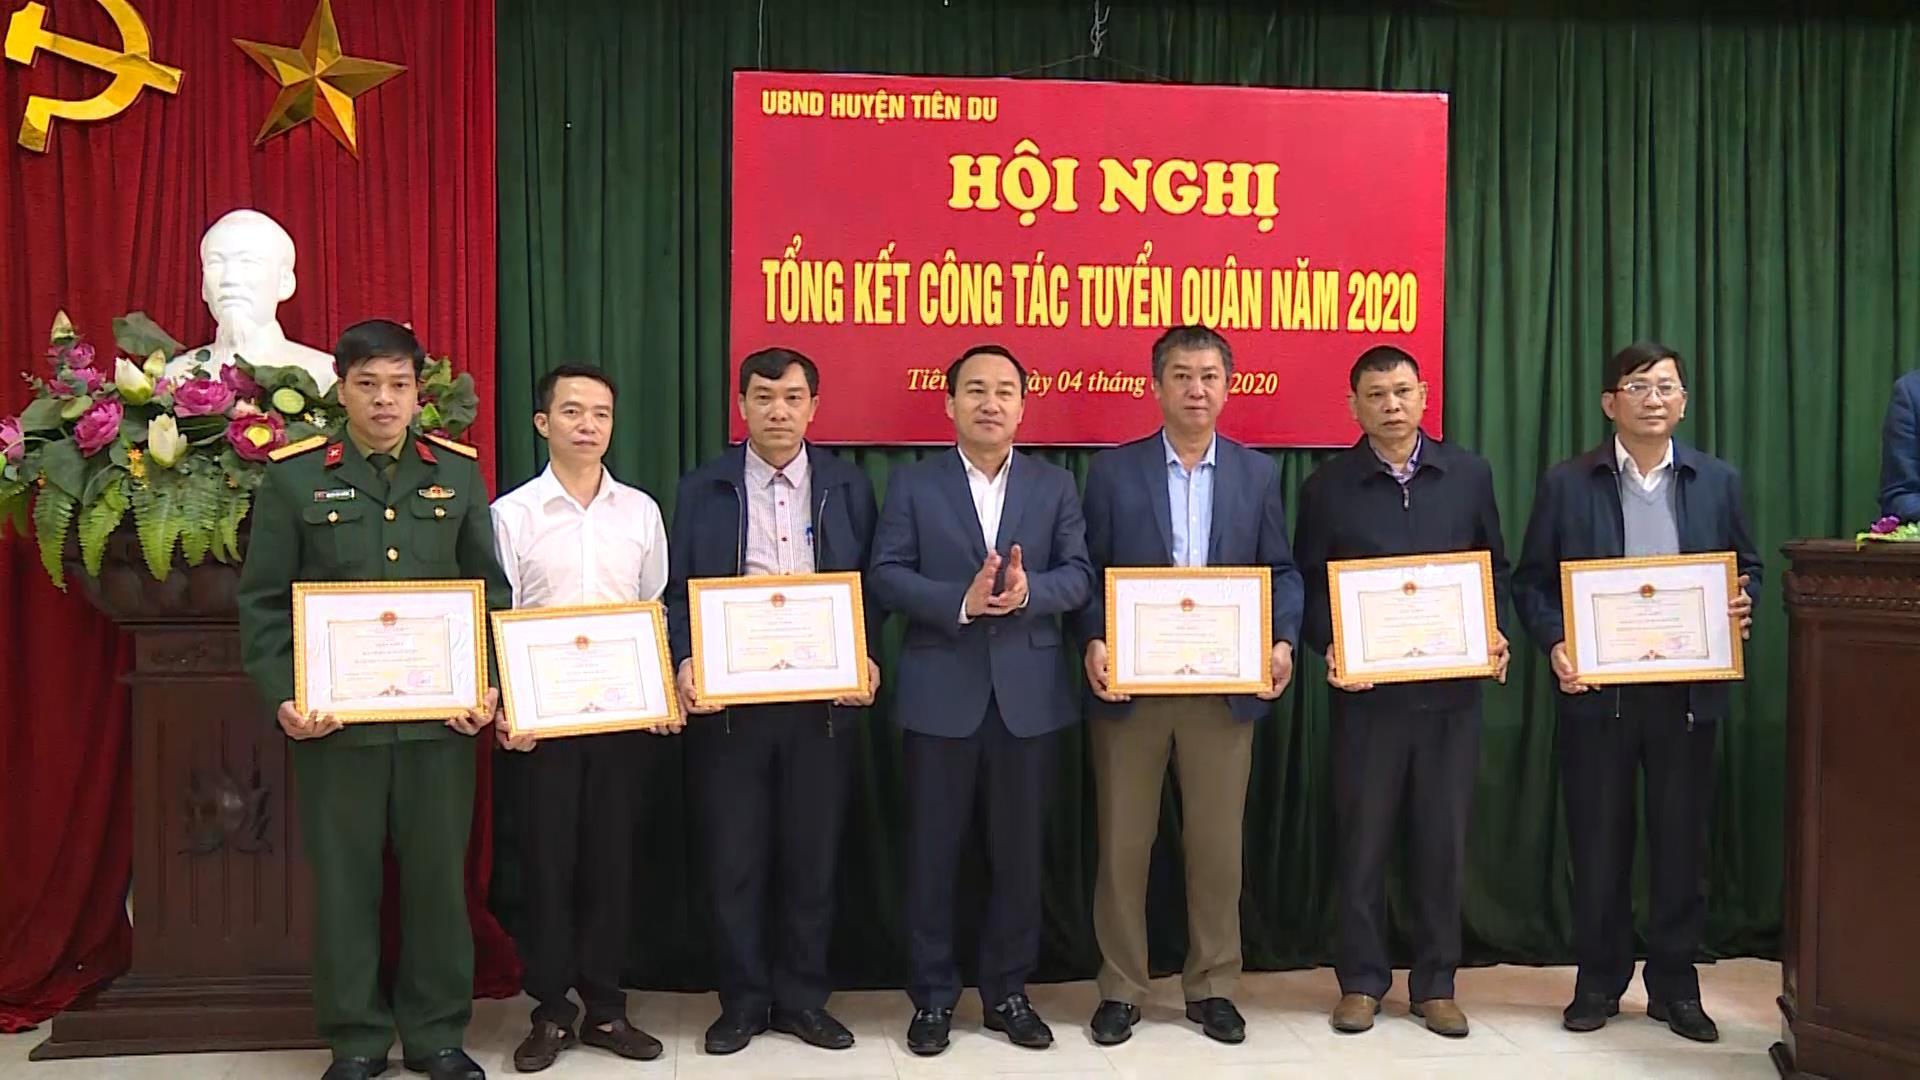 Huyện Tiên Du tổng kết công tác tuyển quân năm 2020